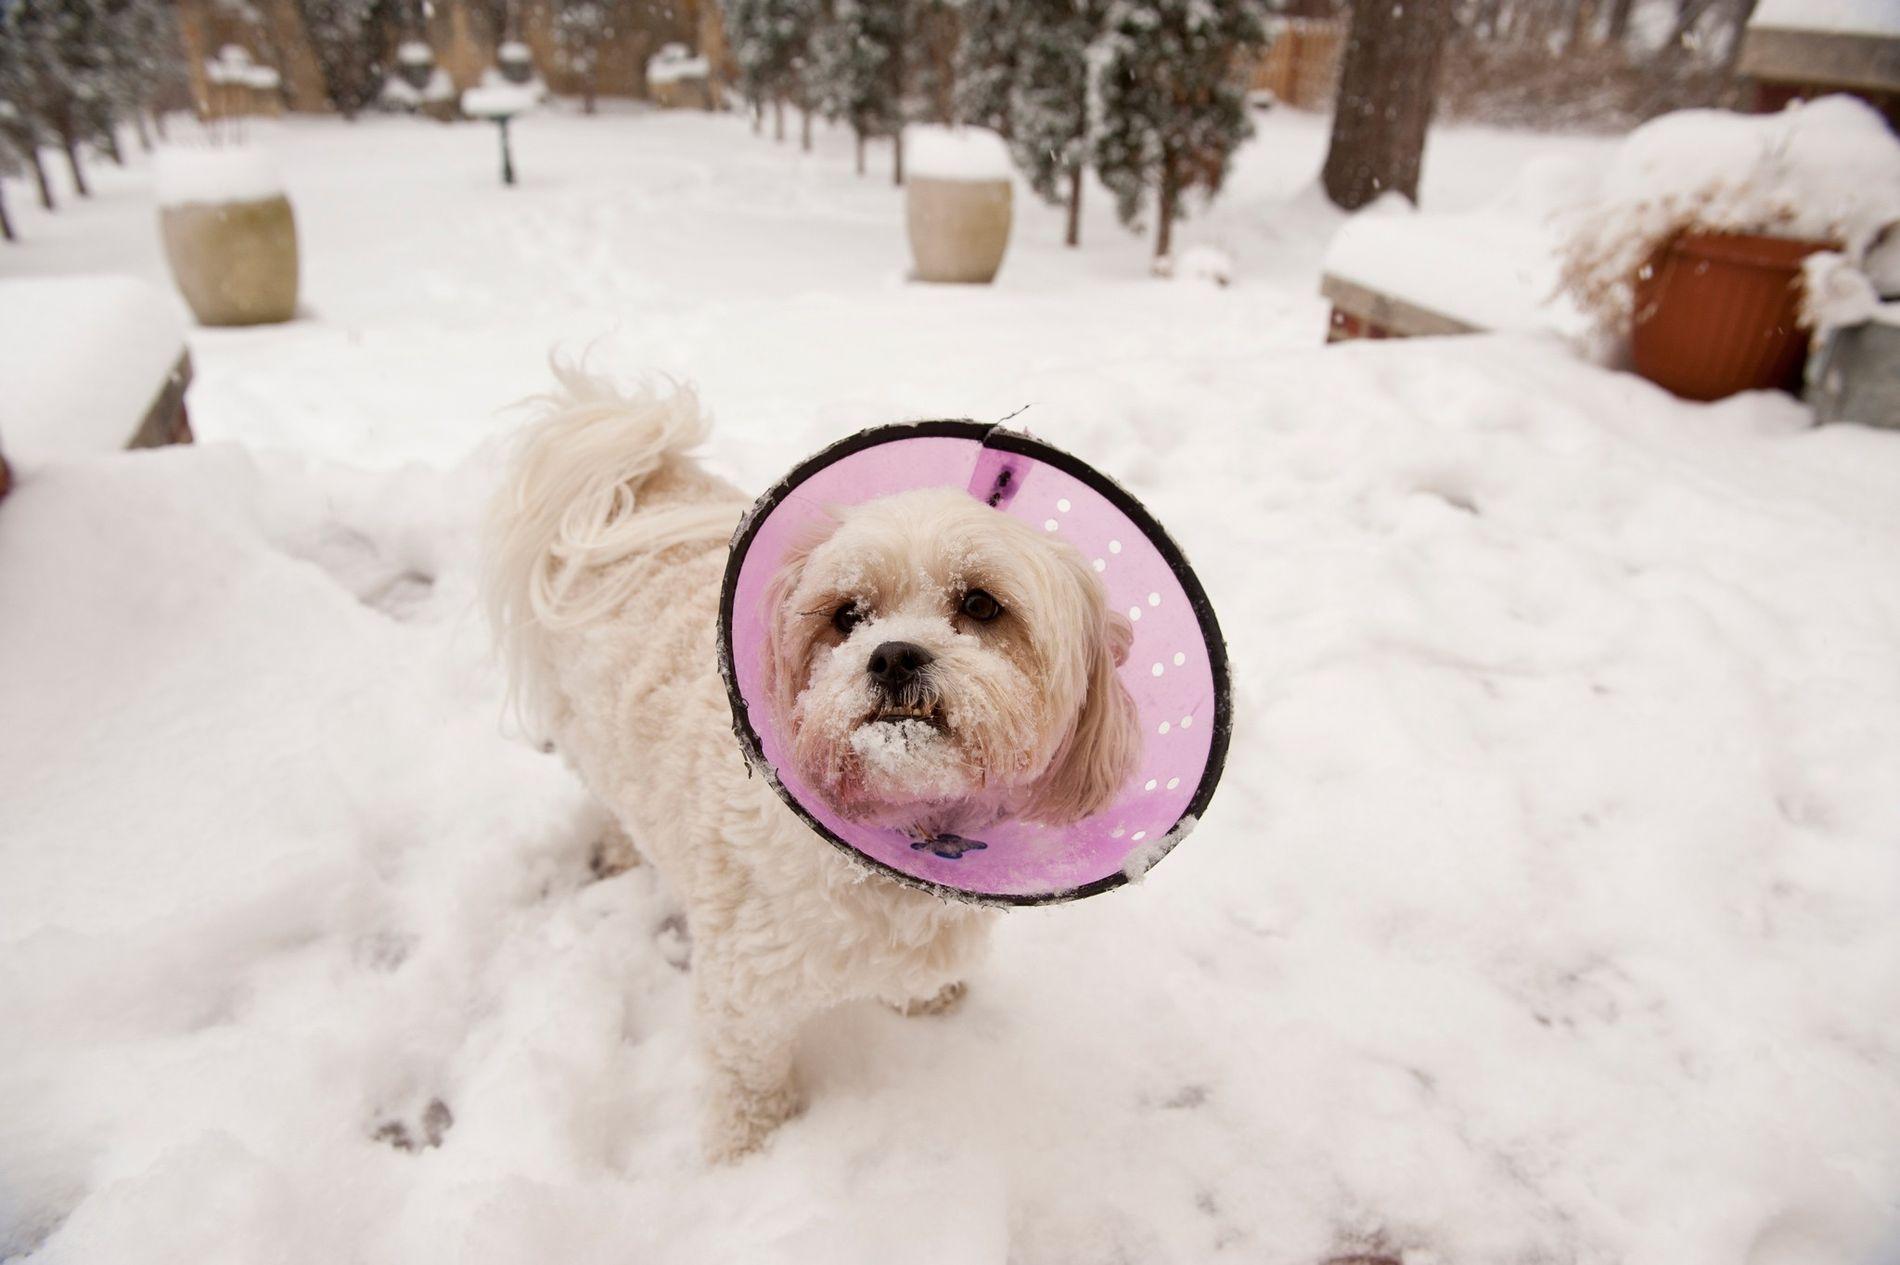 Cães mais jovens e menores são mais propensos a envenenamentos acidentais com opioides, segundo nova pesquisa.